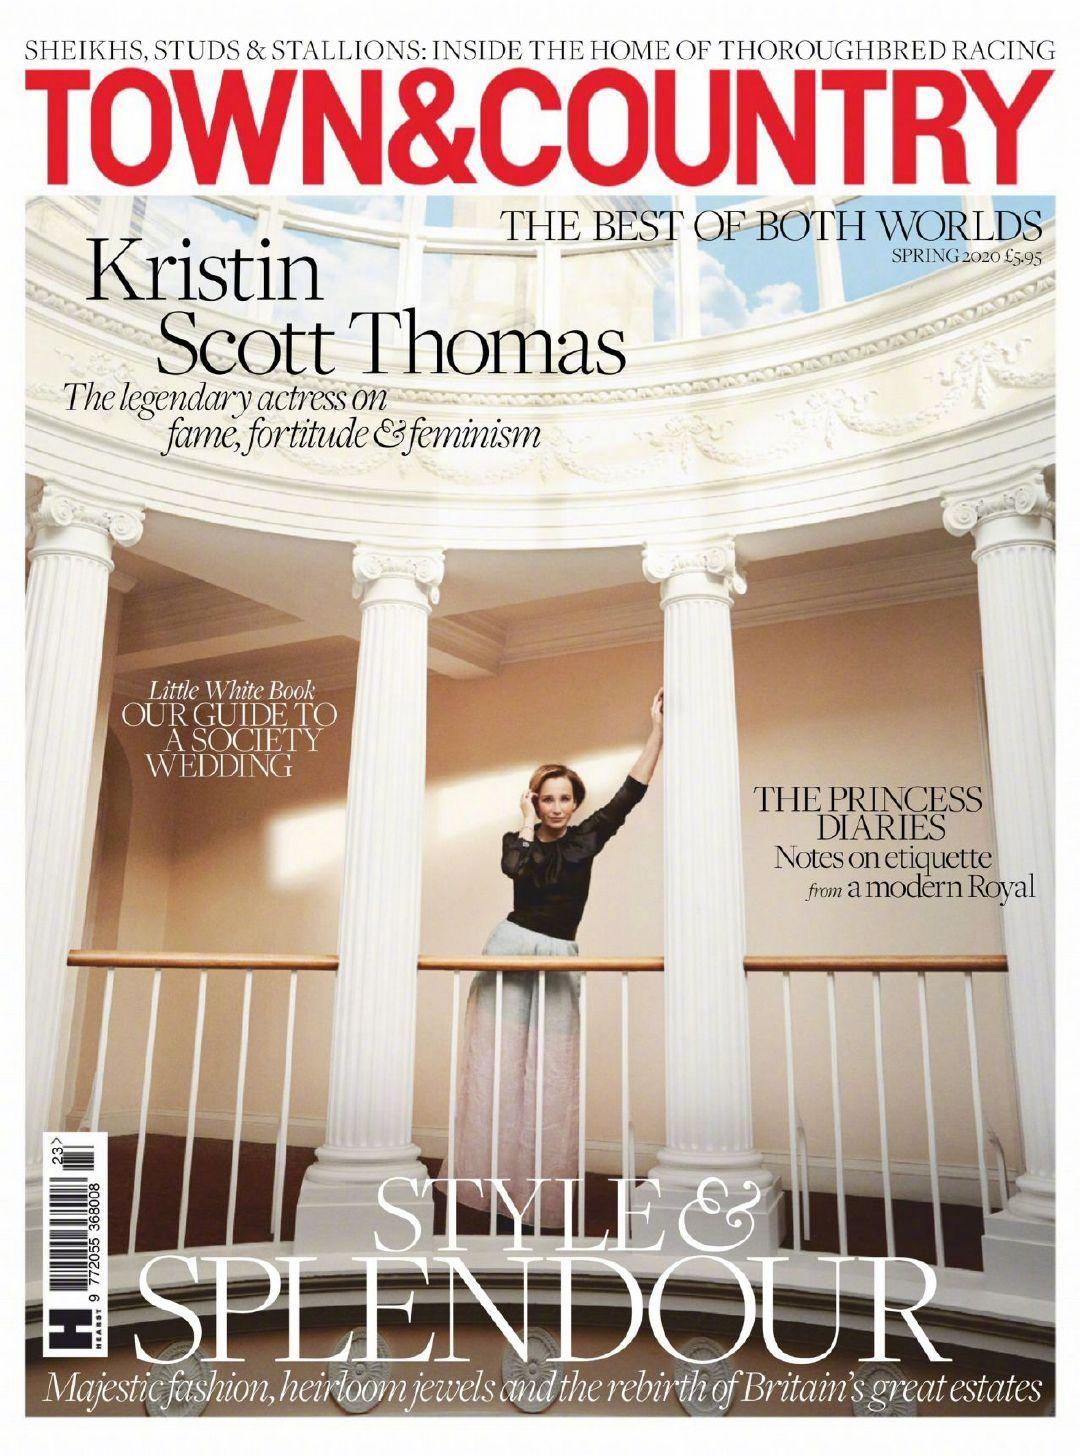 """演技派克里斯汀·斯科特·托马斯为""""Town & Country""""杂志英国版3月刊"""